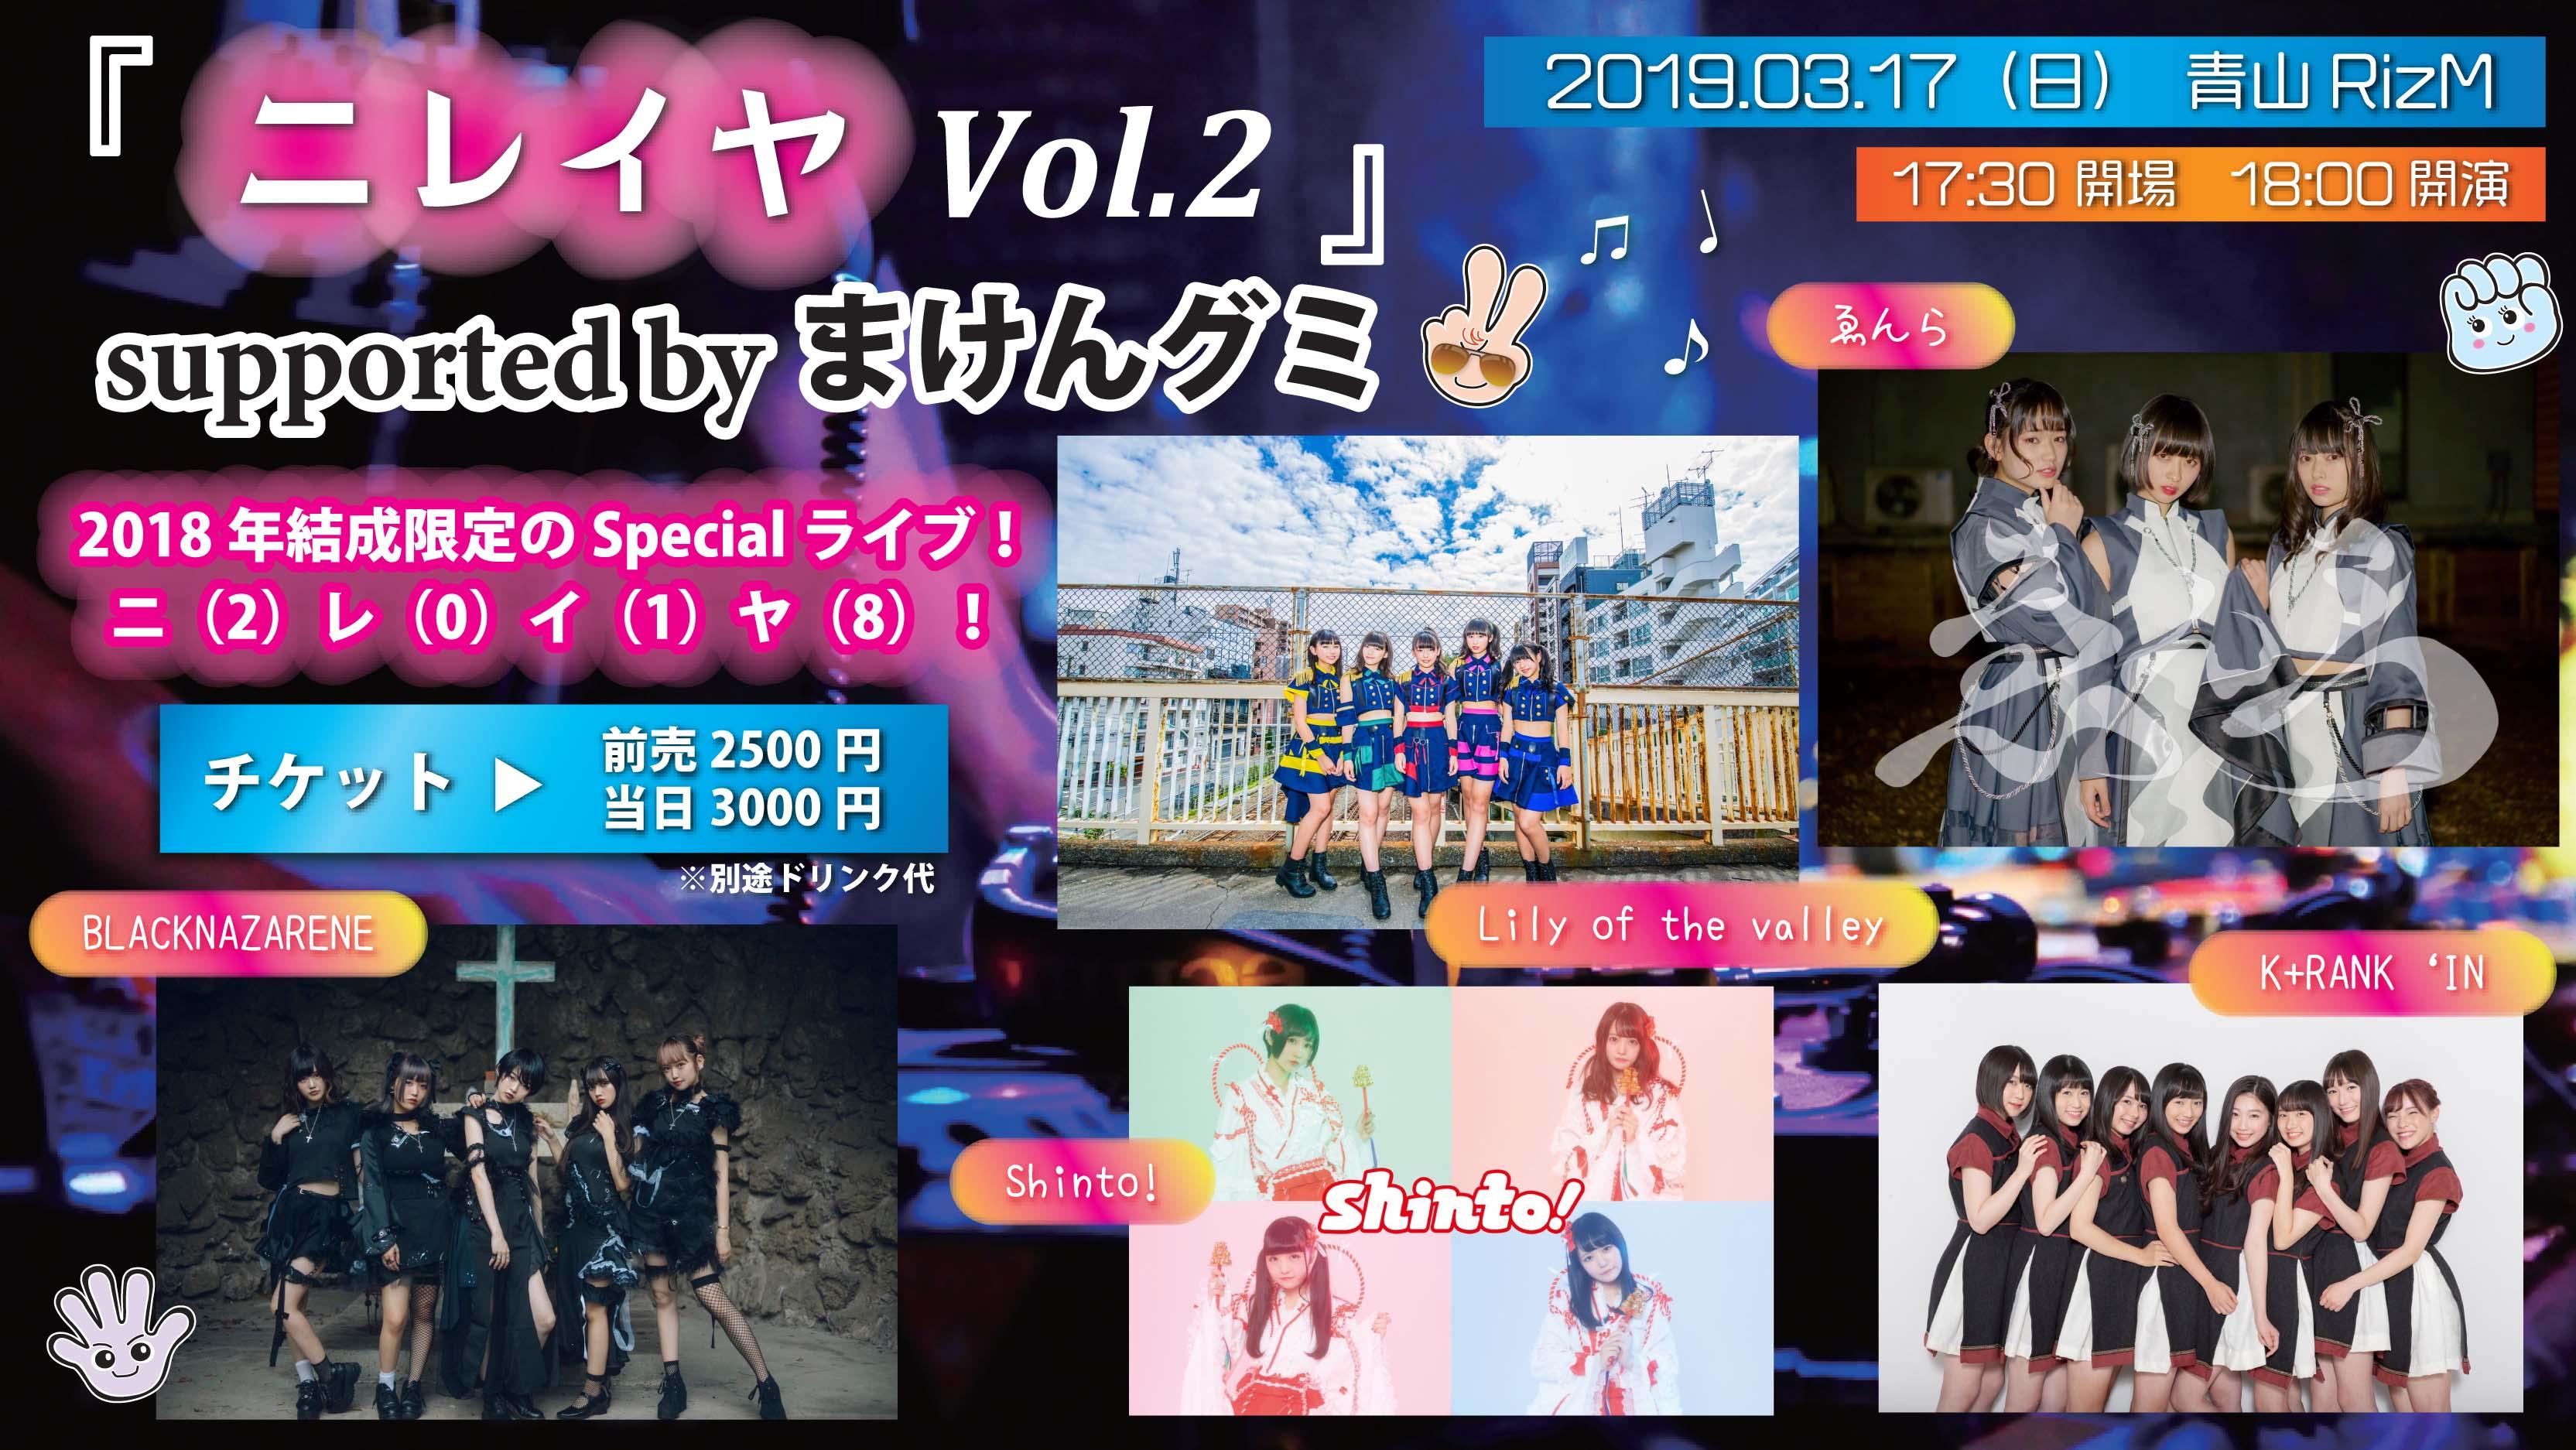 『ニレイヤ Vol.2』supported by まけんグミ